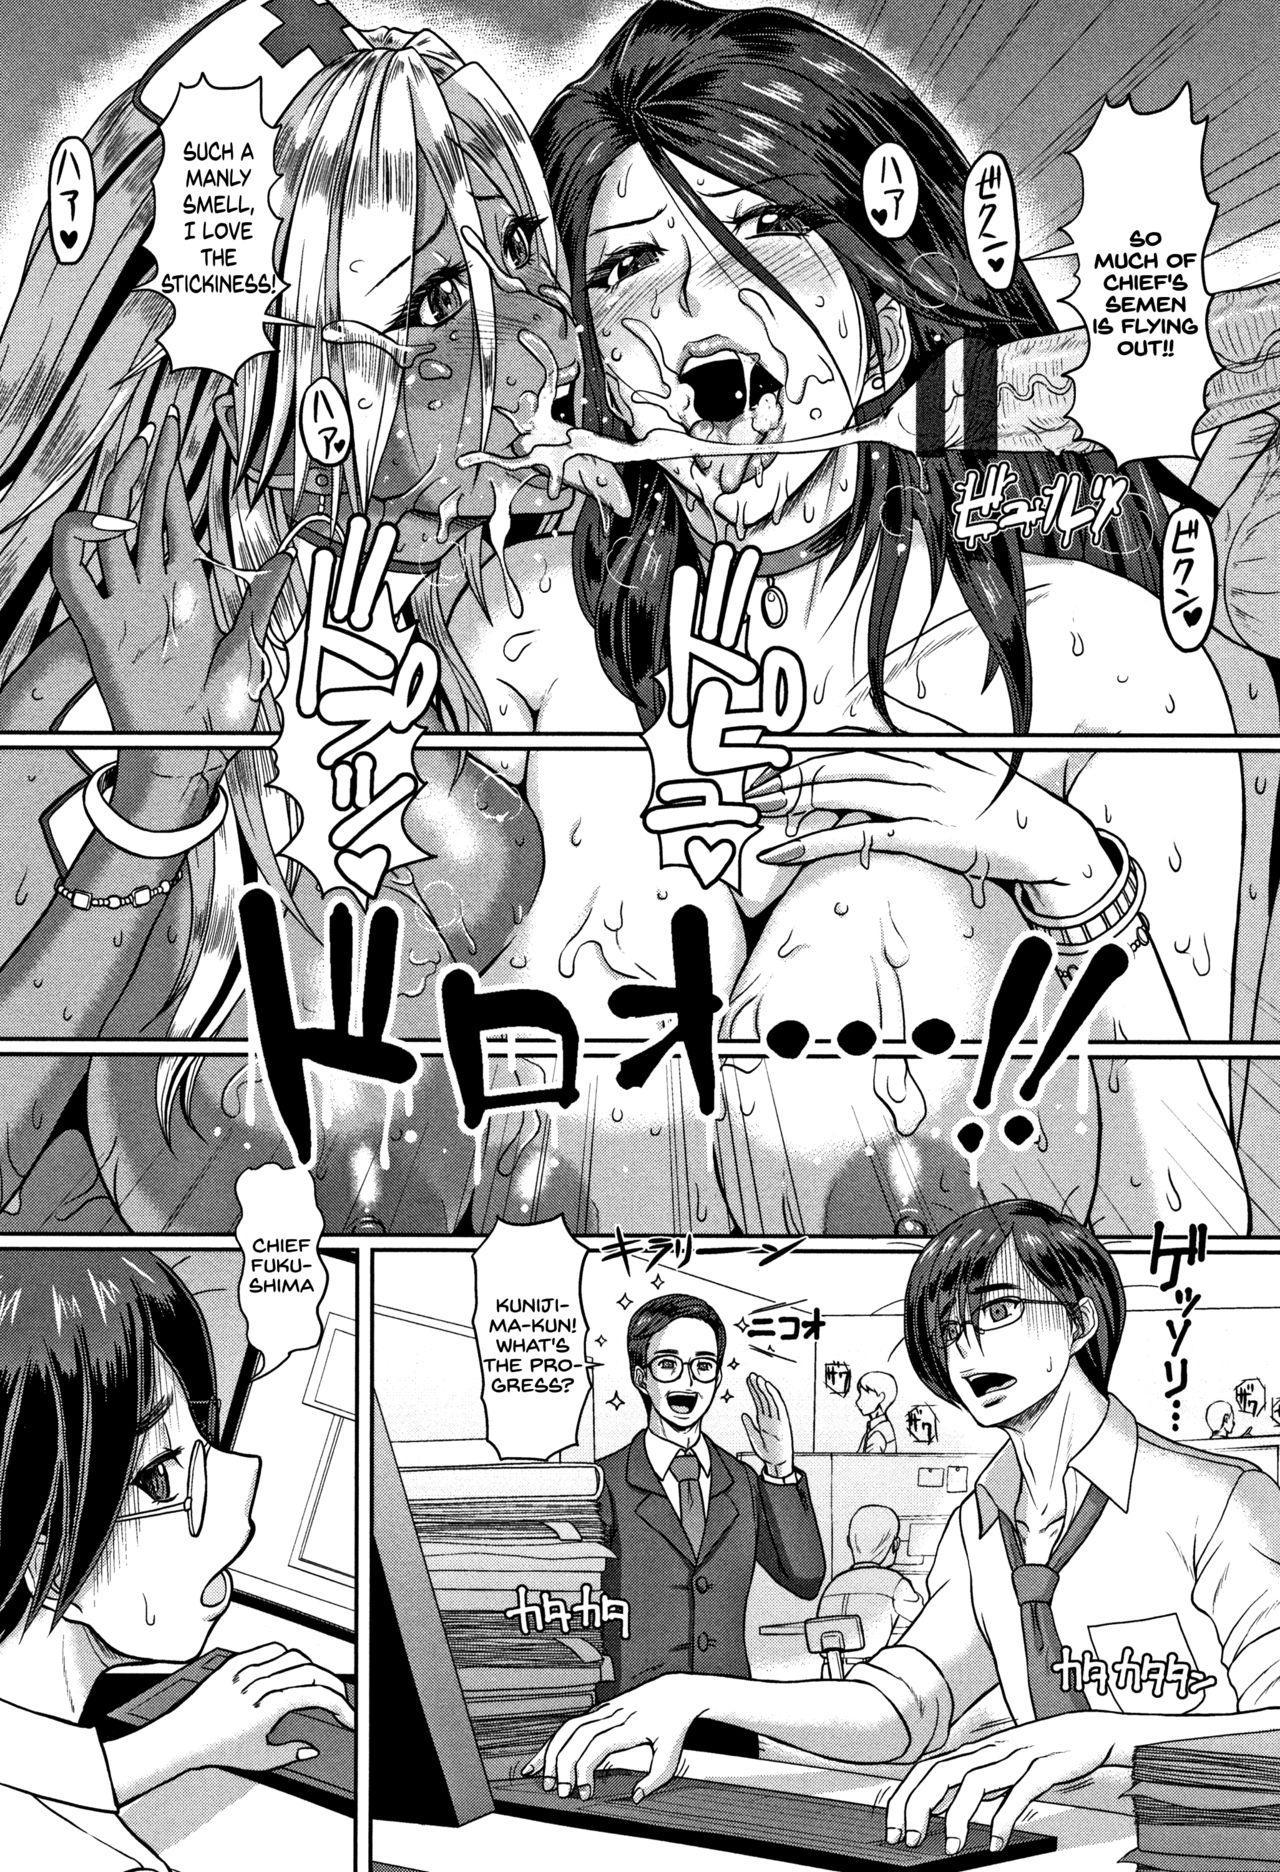 Kokoro to Karada Naoshite Ageru 1